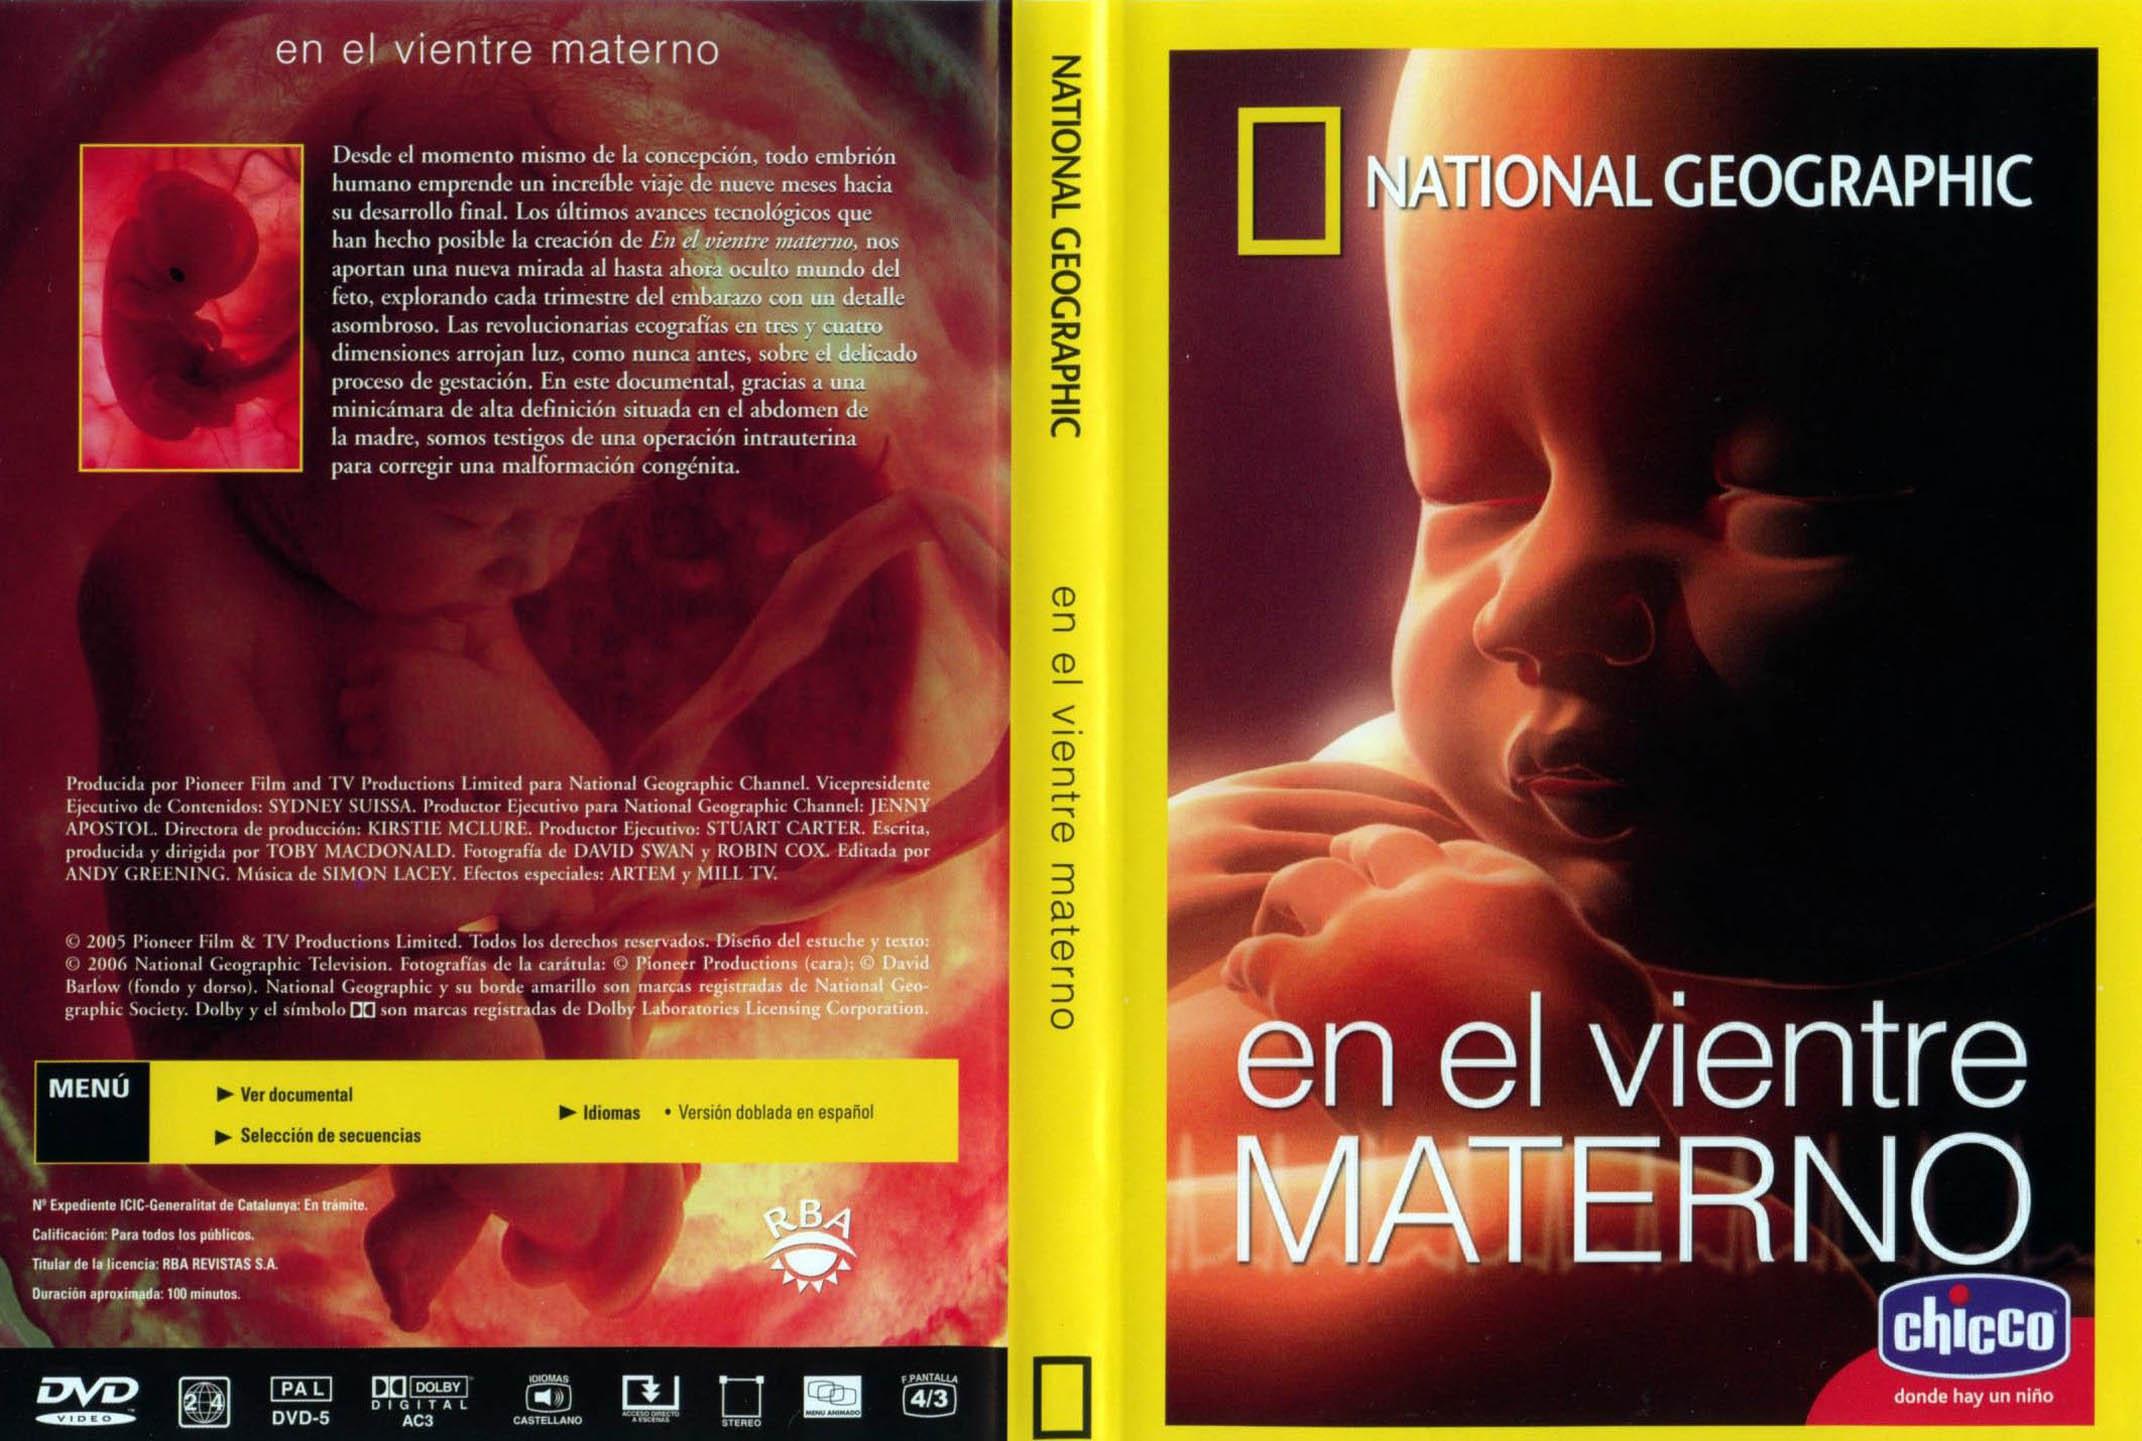 en-el-vientre-materno-portada